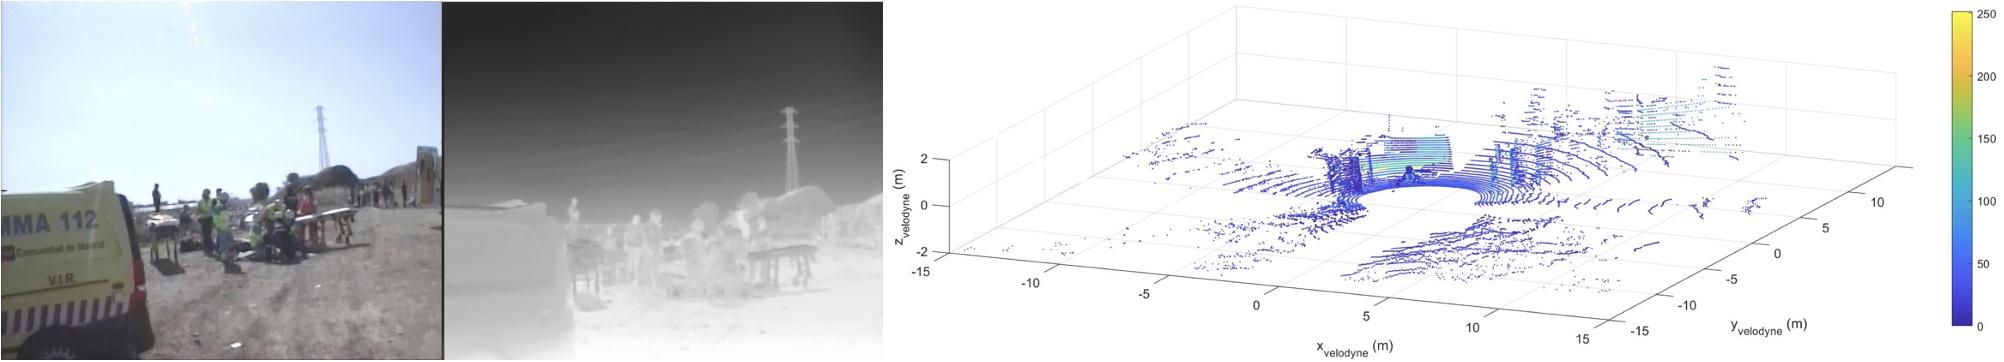 UMA-SAR Dataset Samples (RGB,TIR and LIDAR)